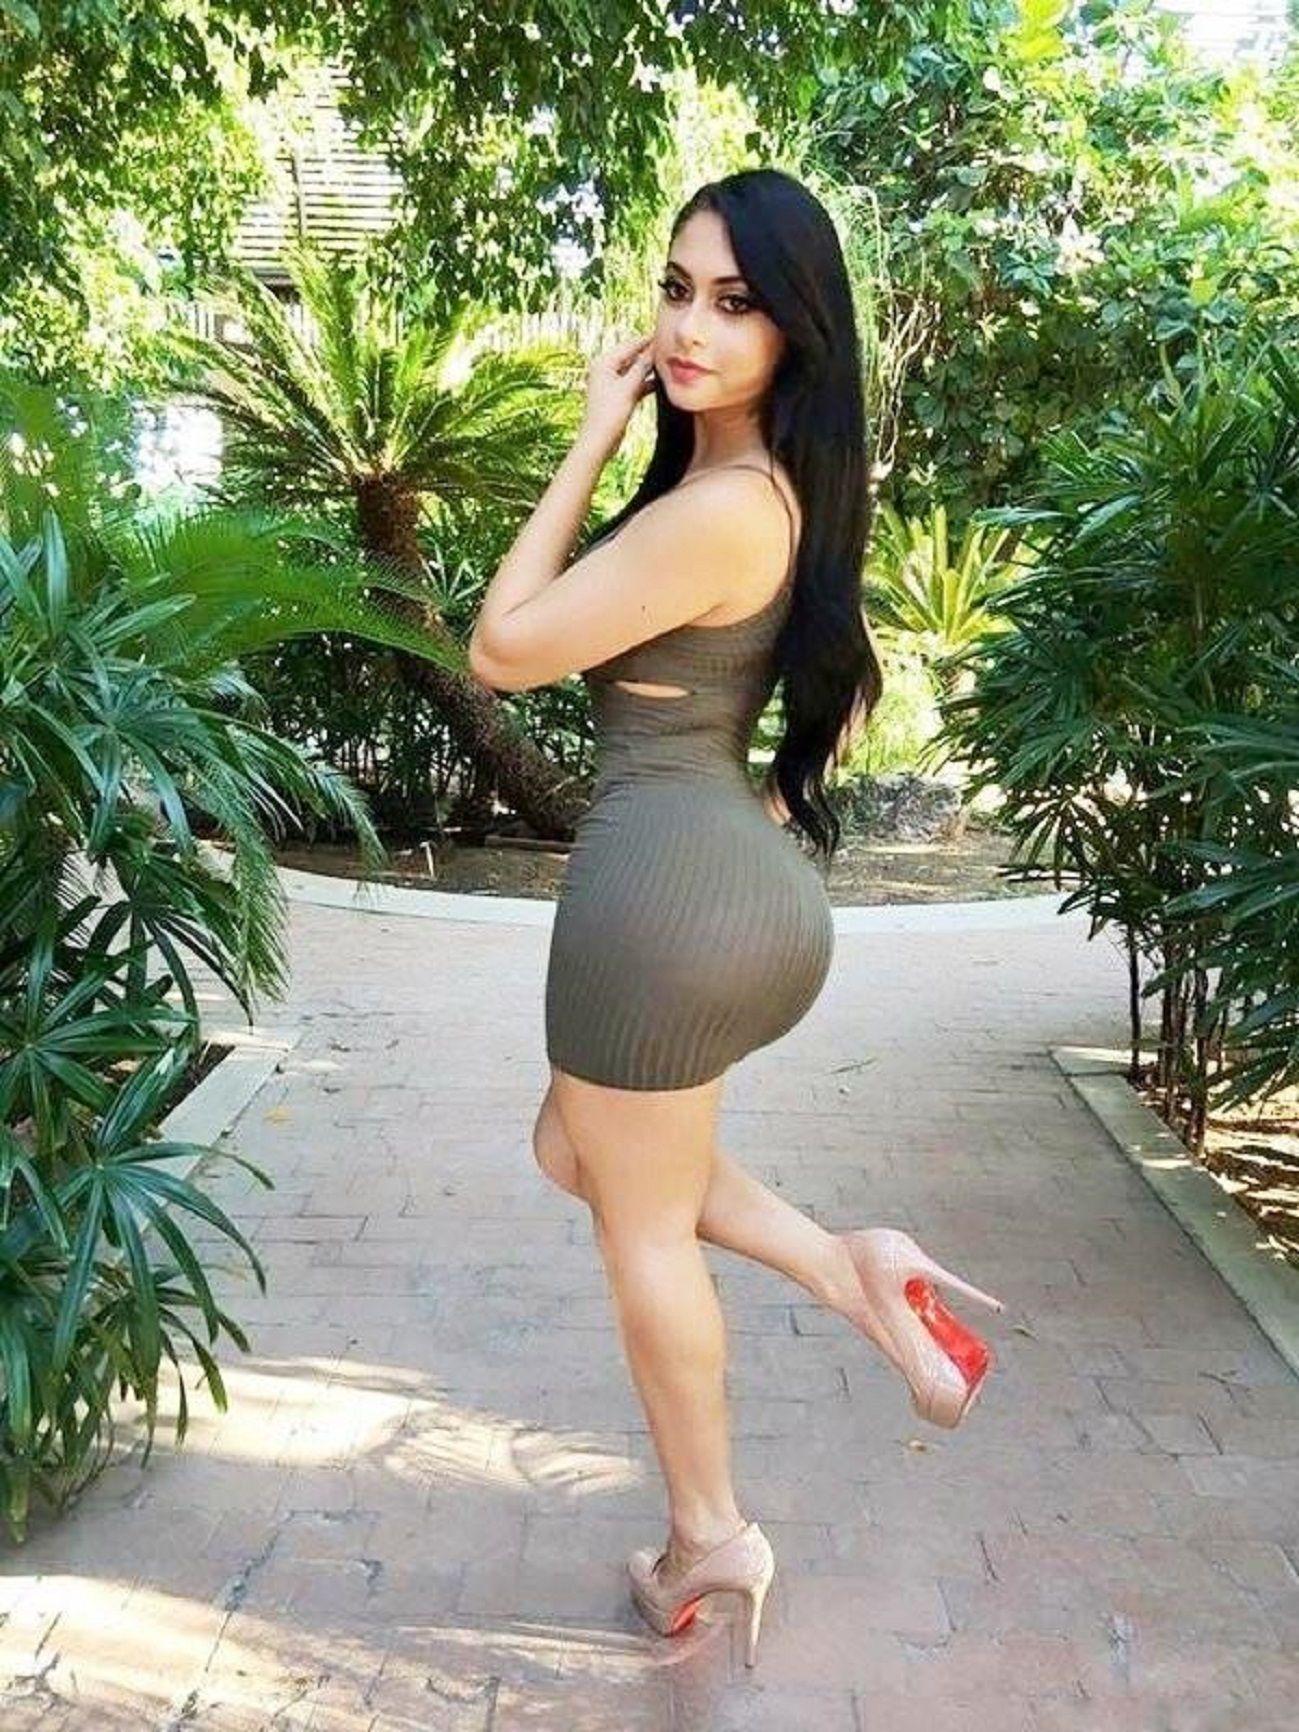 chubby gujarati girl mobile porn